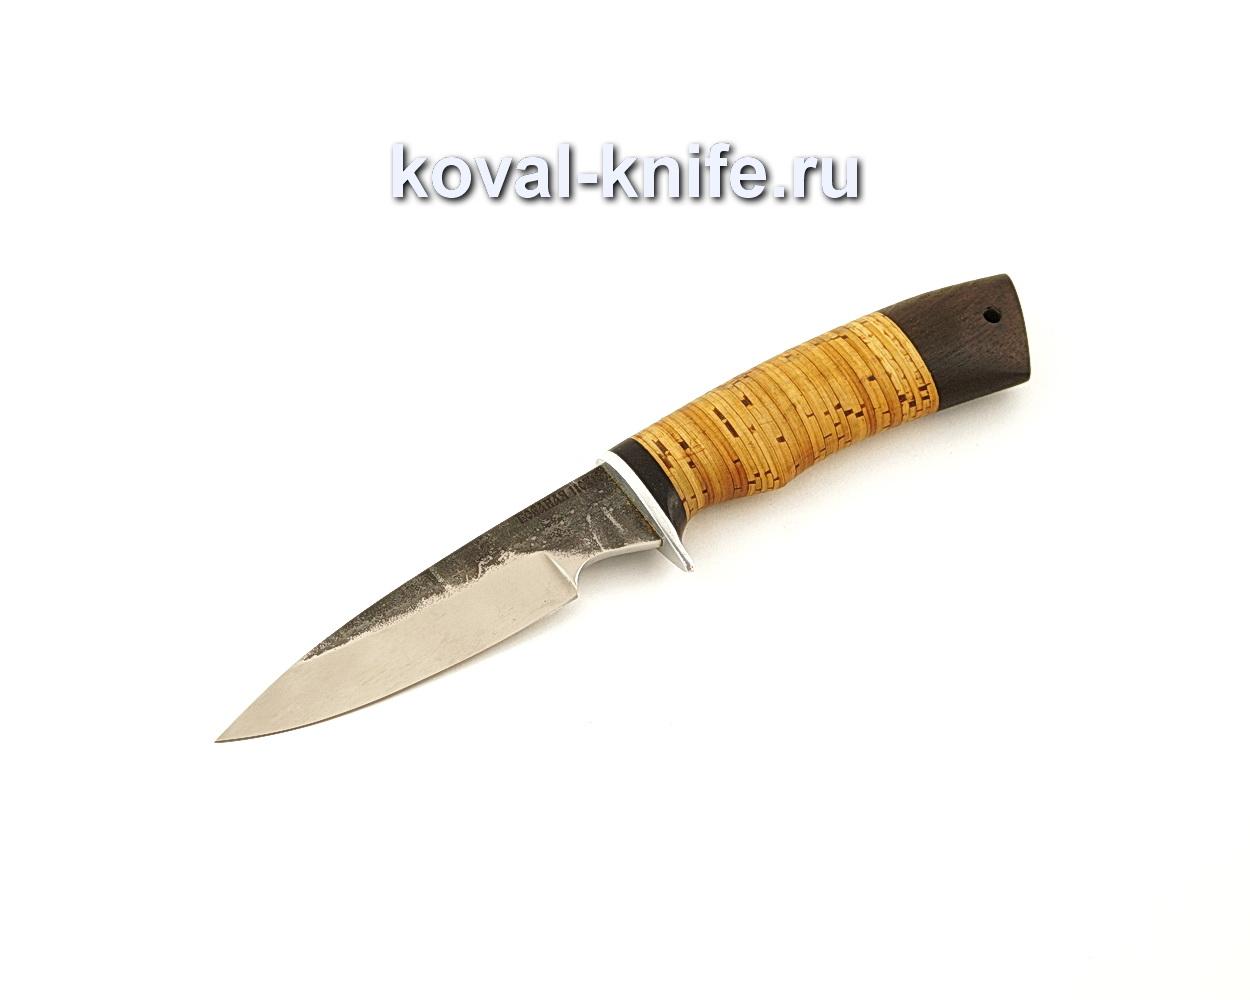 Нож Нырок из нержавеющей стали 110Х18 с рукоятью из бересты  A656